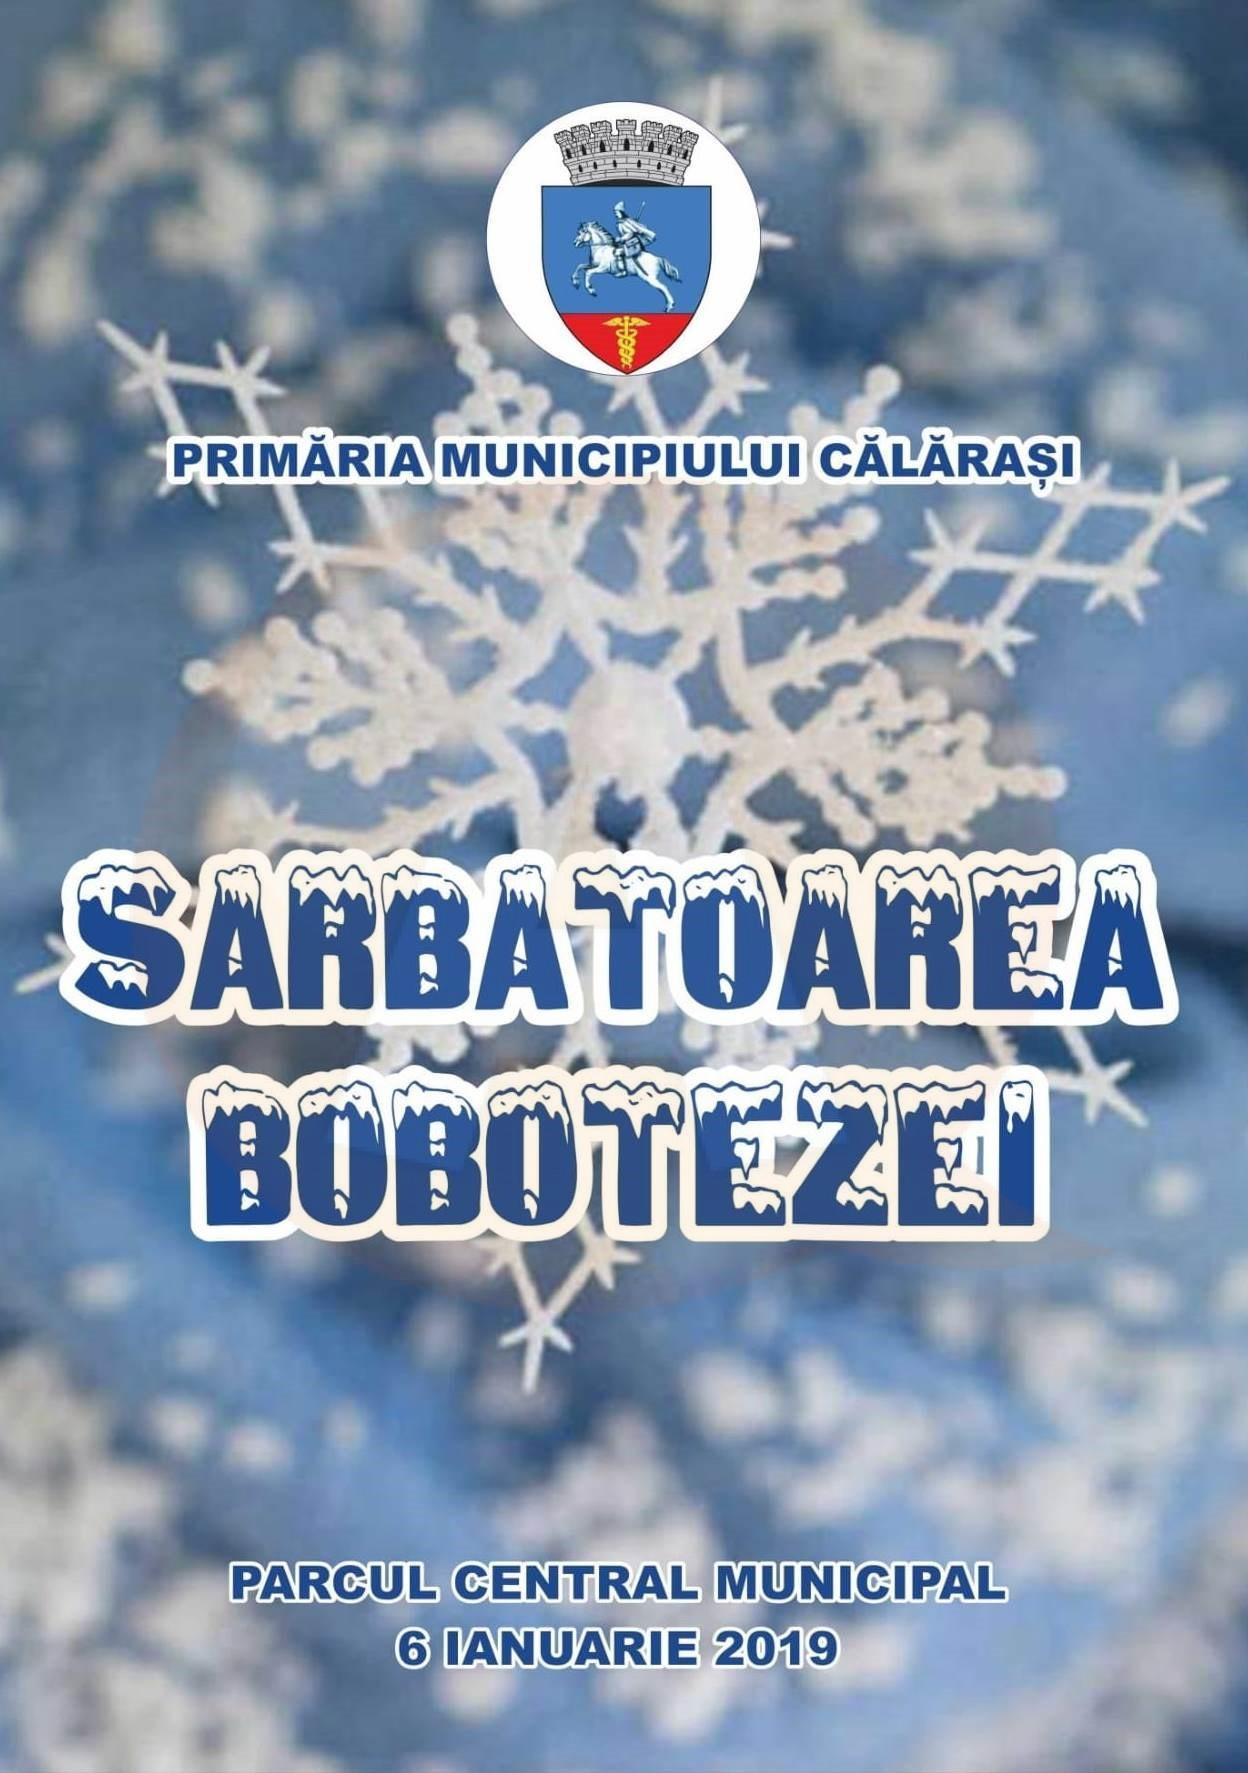 Primăria Municipiului Călărași organizează tradiționala Sărbătoare a Bobotezei